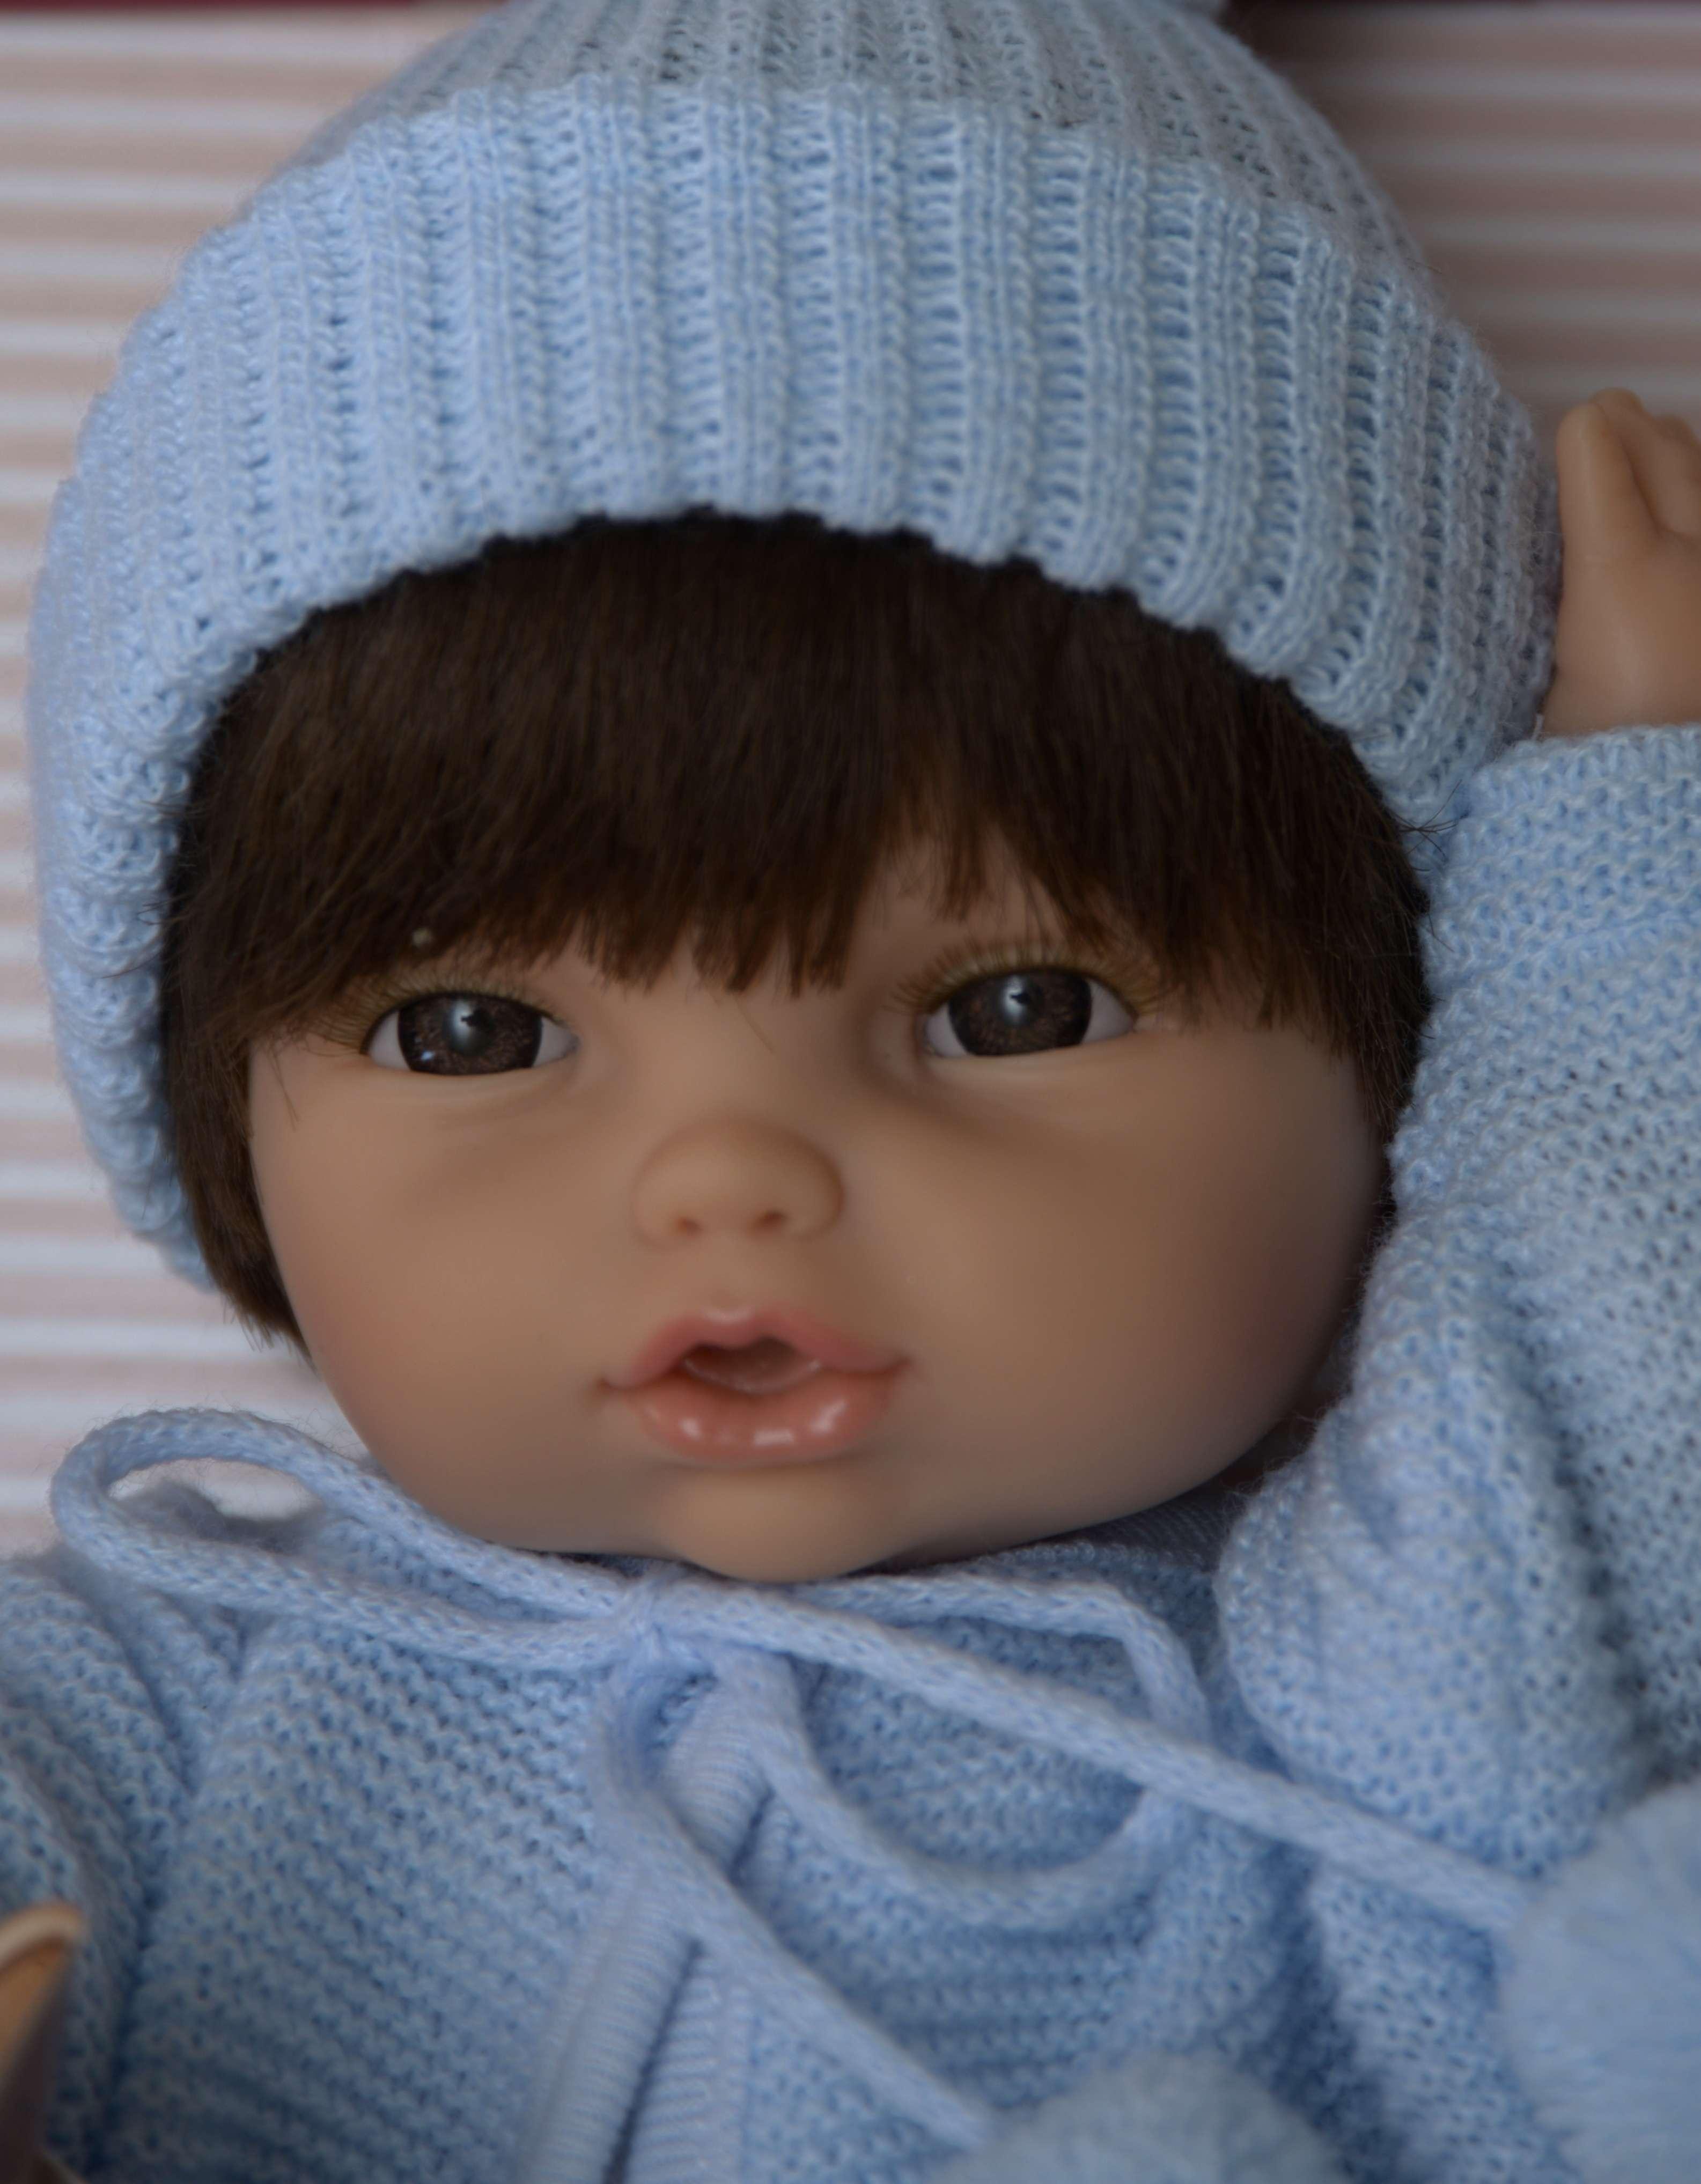 Realistické miminko chlapeček Jára od firmy Berjuan ze Španělska